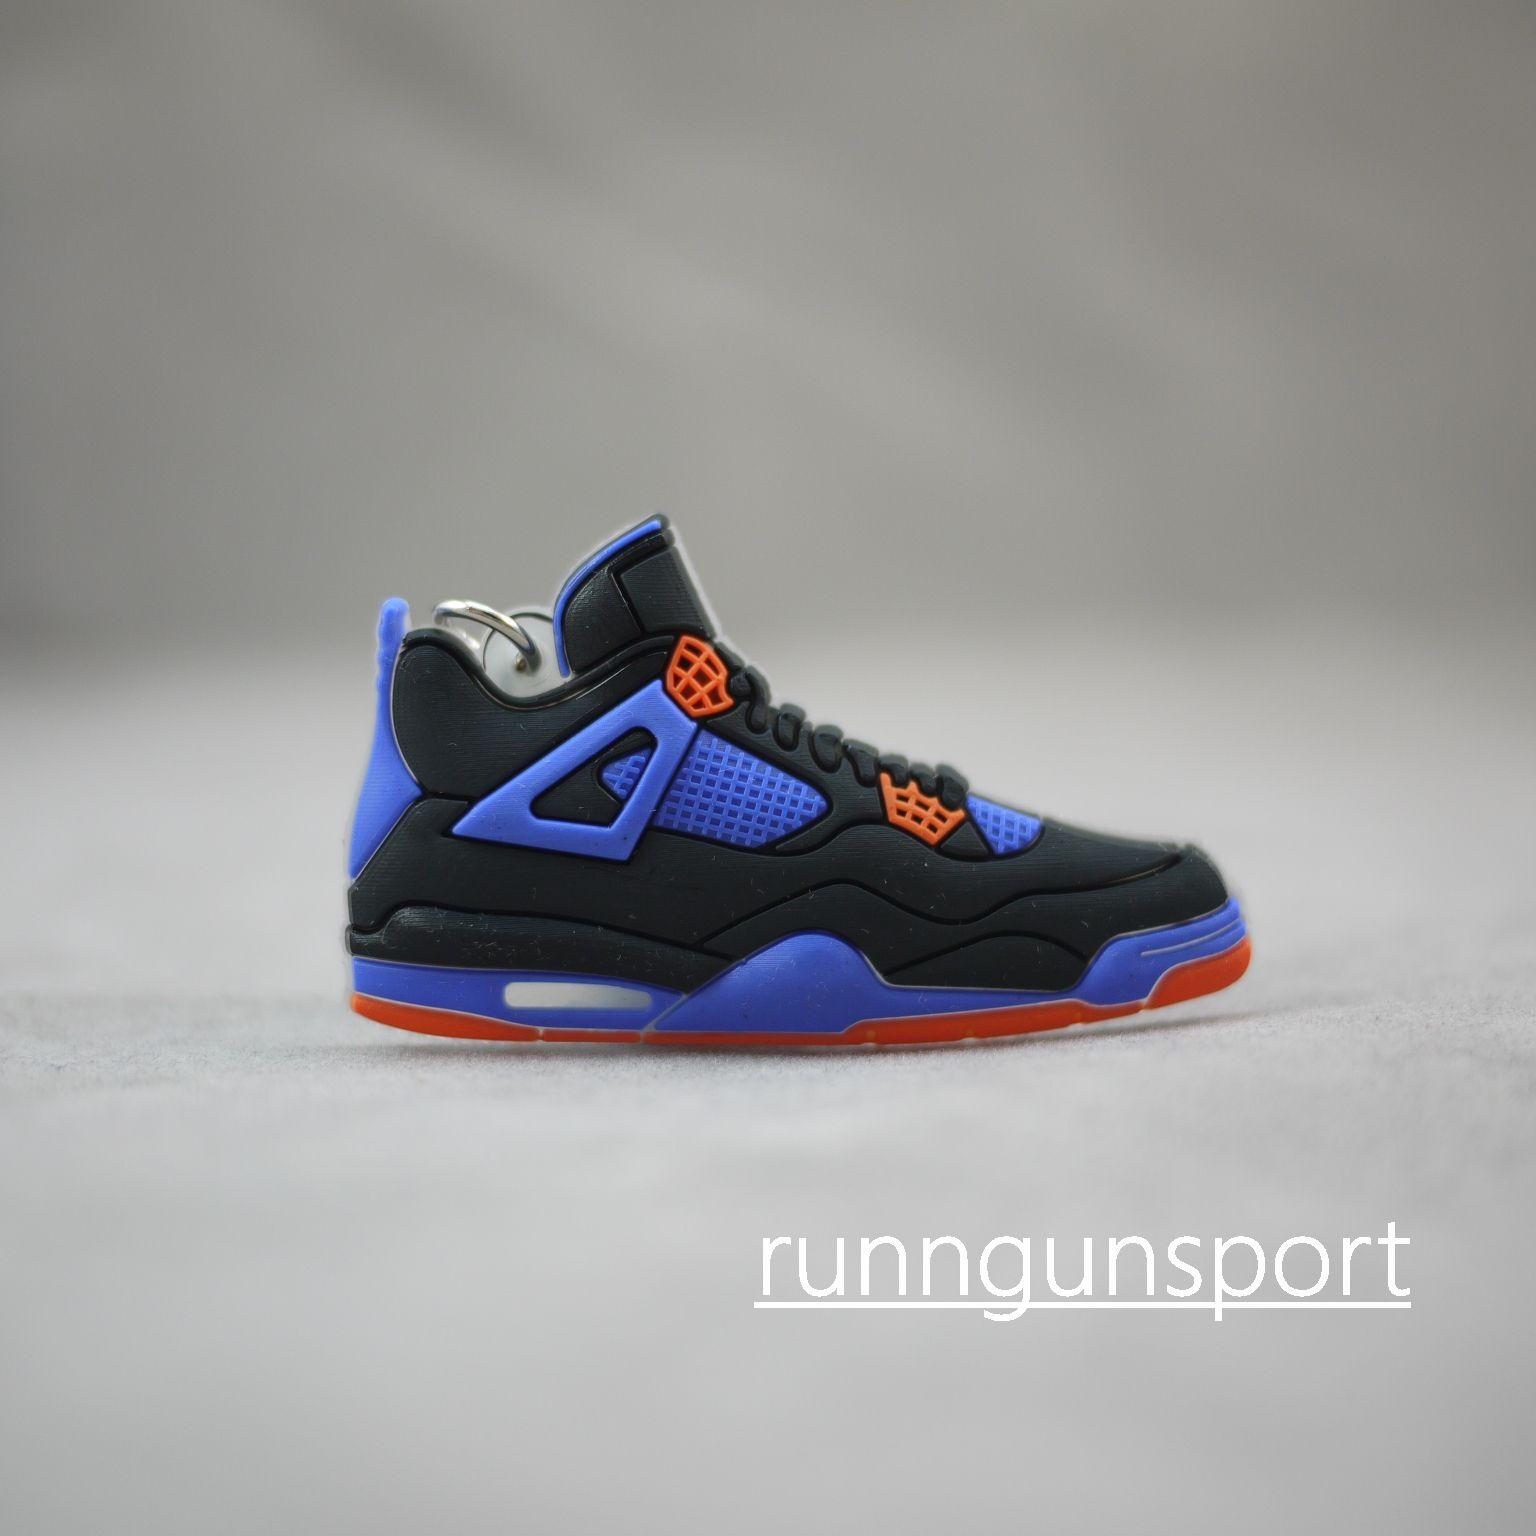 794657b80b7 Eminem x Carhartt x Air Jordan 4